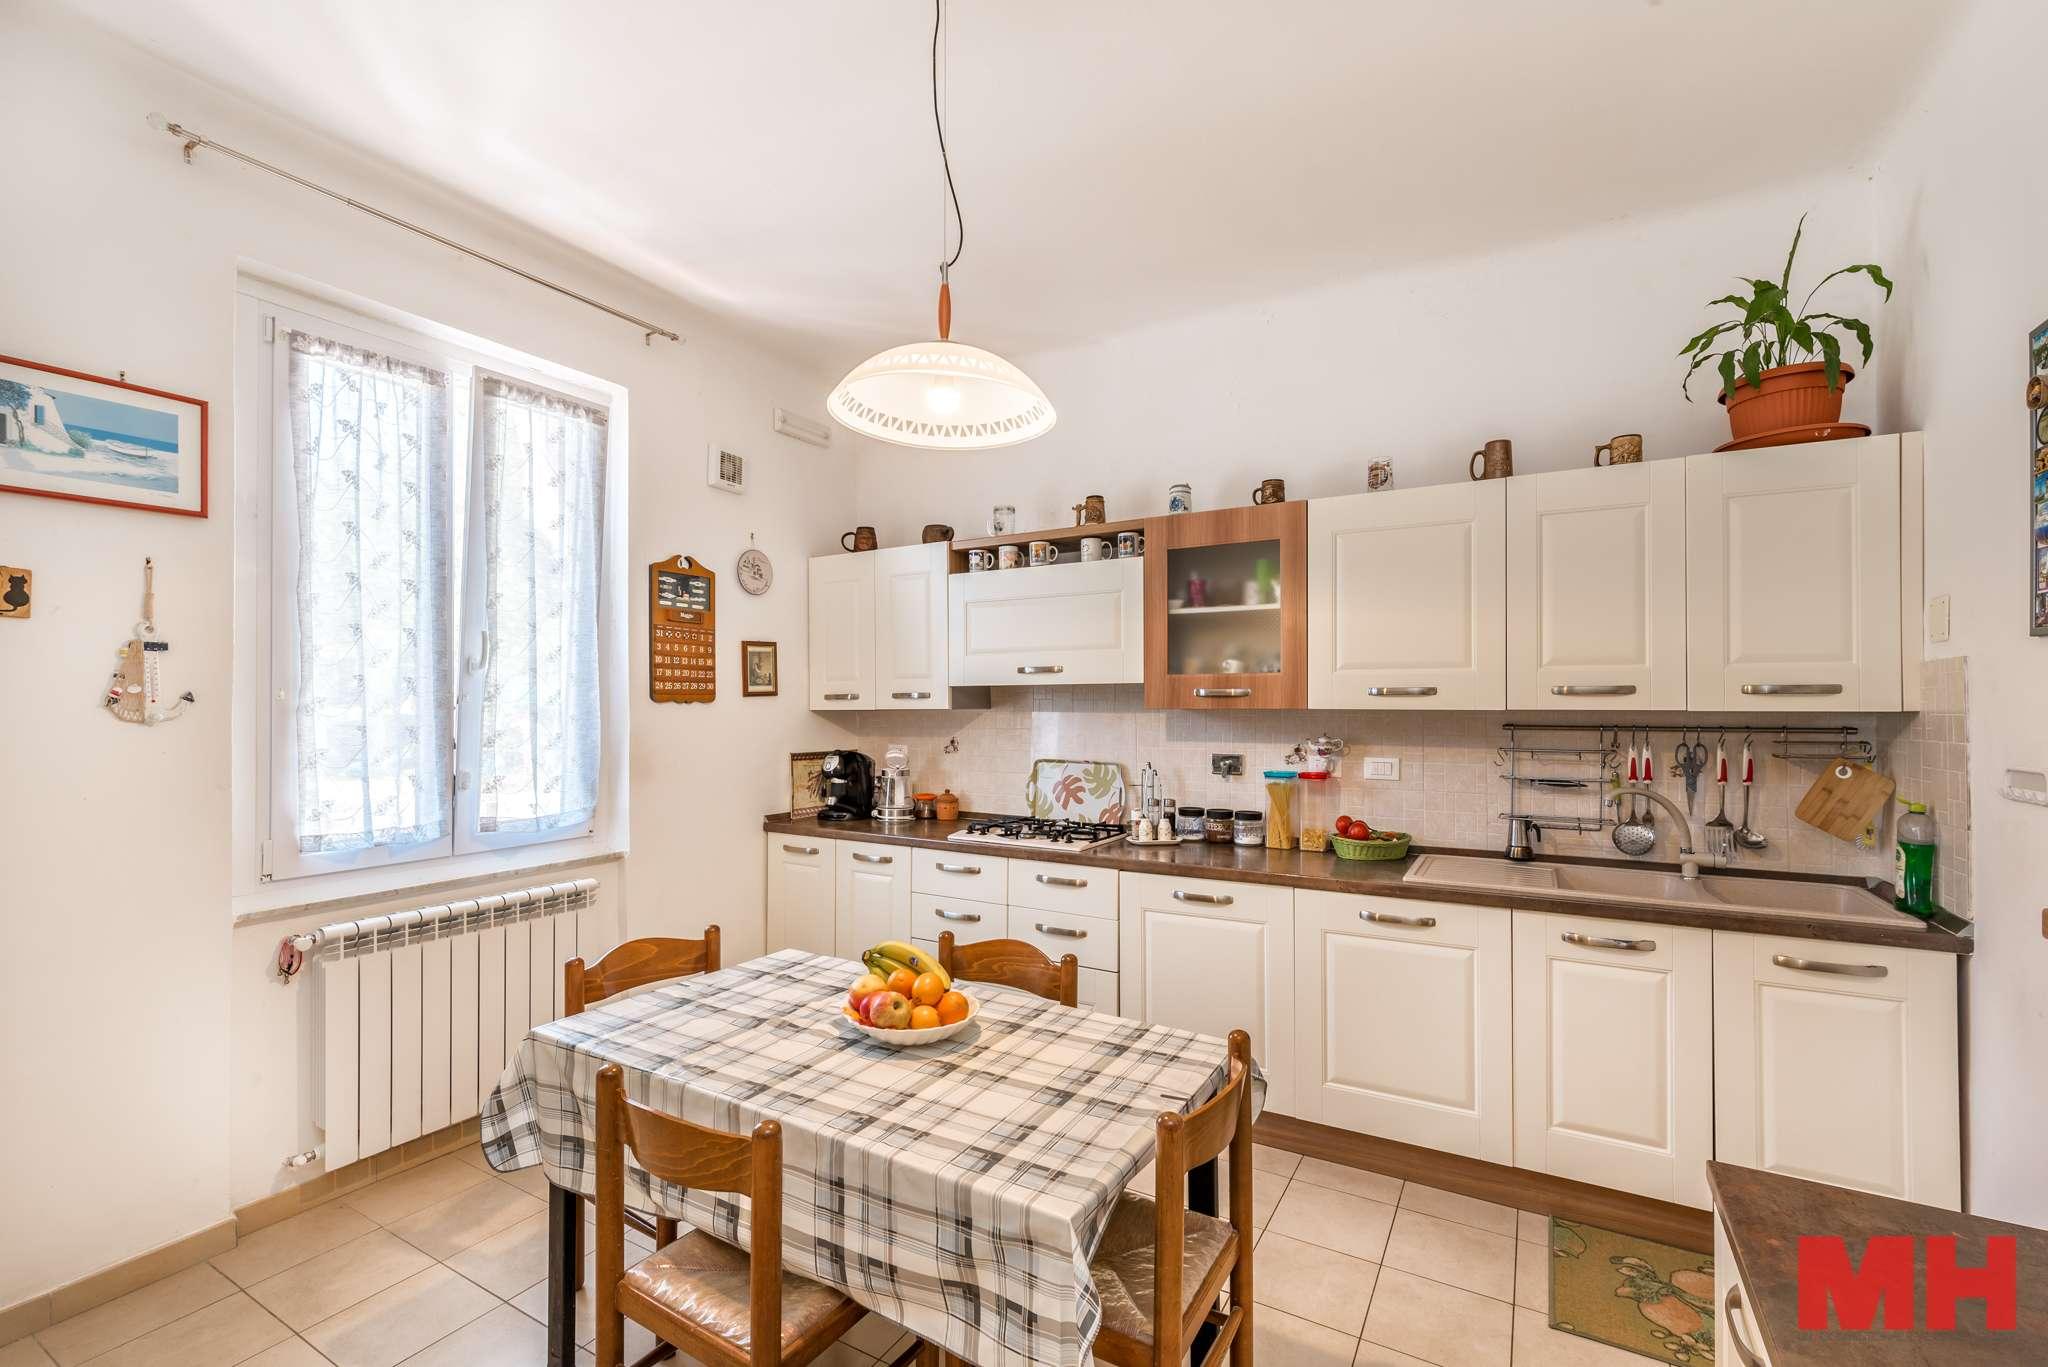 Appartamento in vendita a Portovenere, 3 locali, prezzo € 195.000 | PortaleAgenzieImmobiliari.it